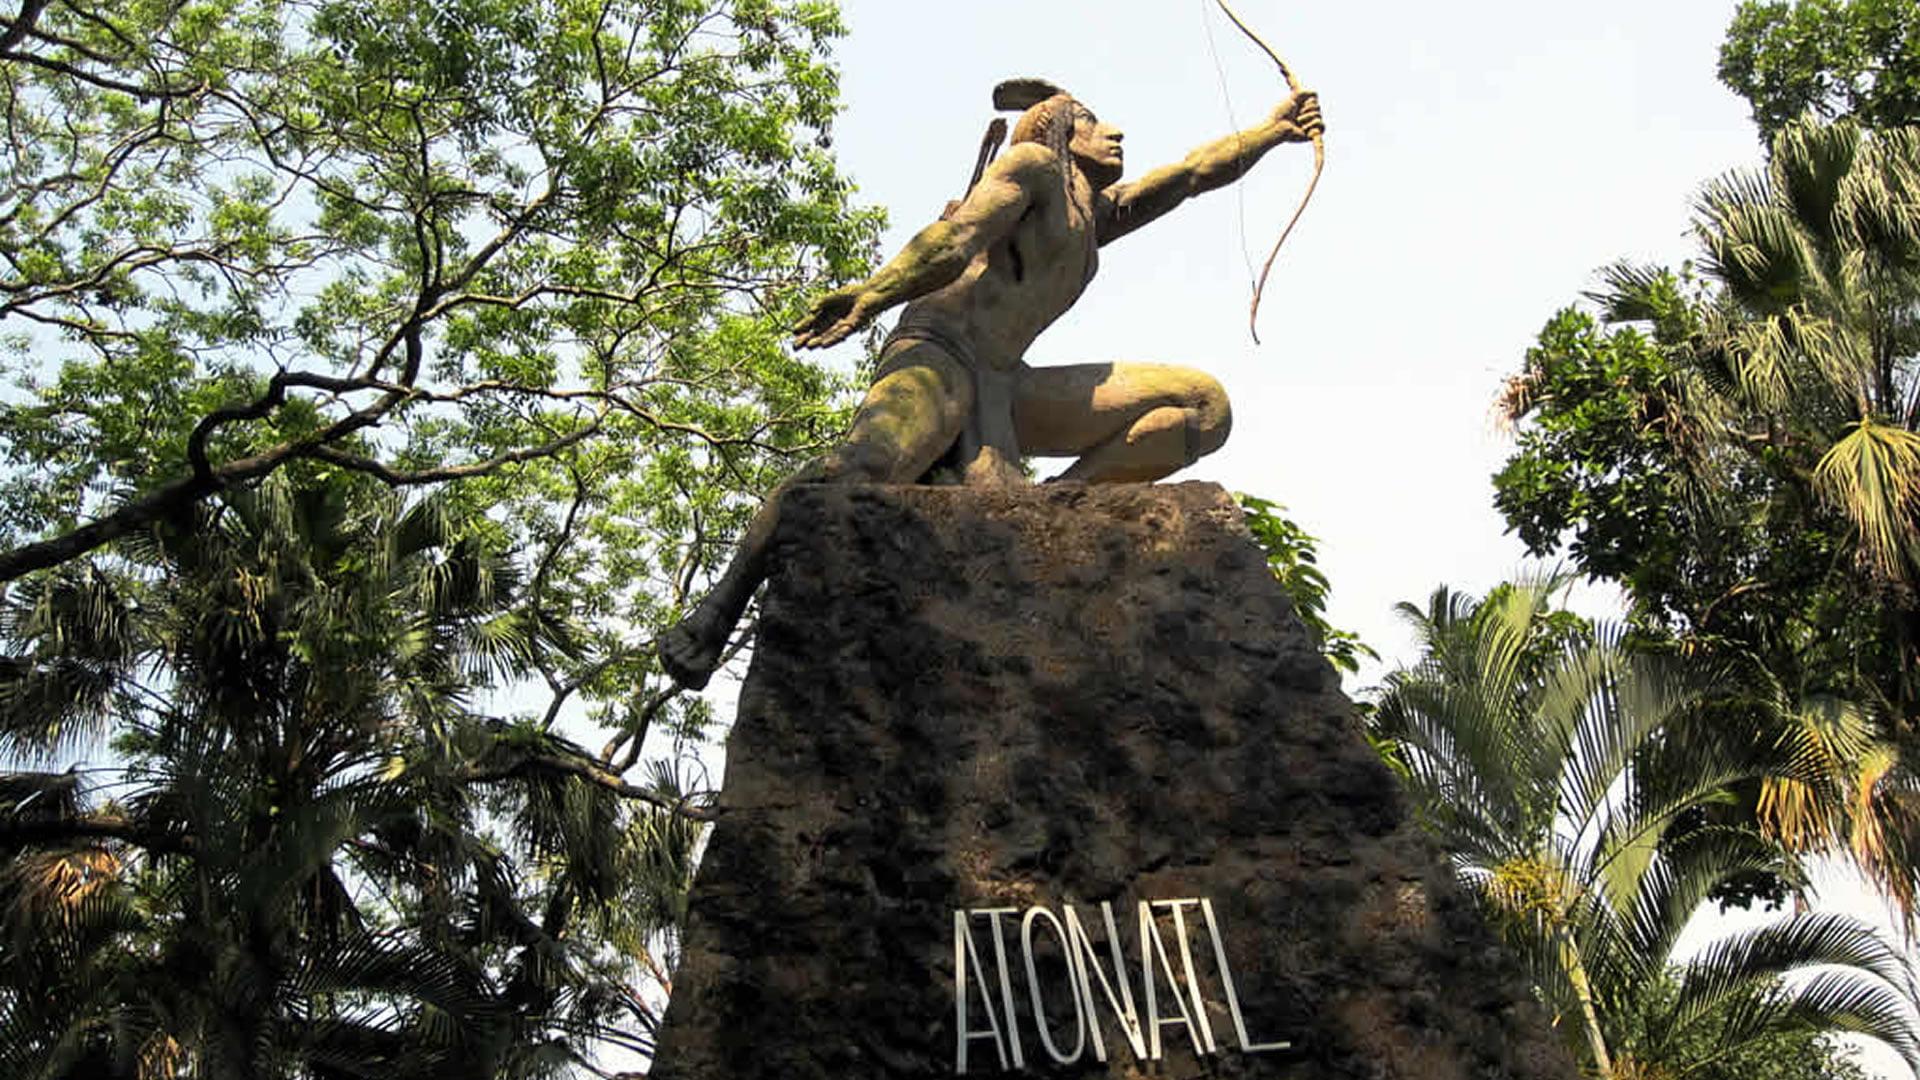 Parque Atecozol, Izalco, El Salvador